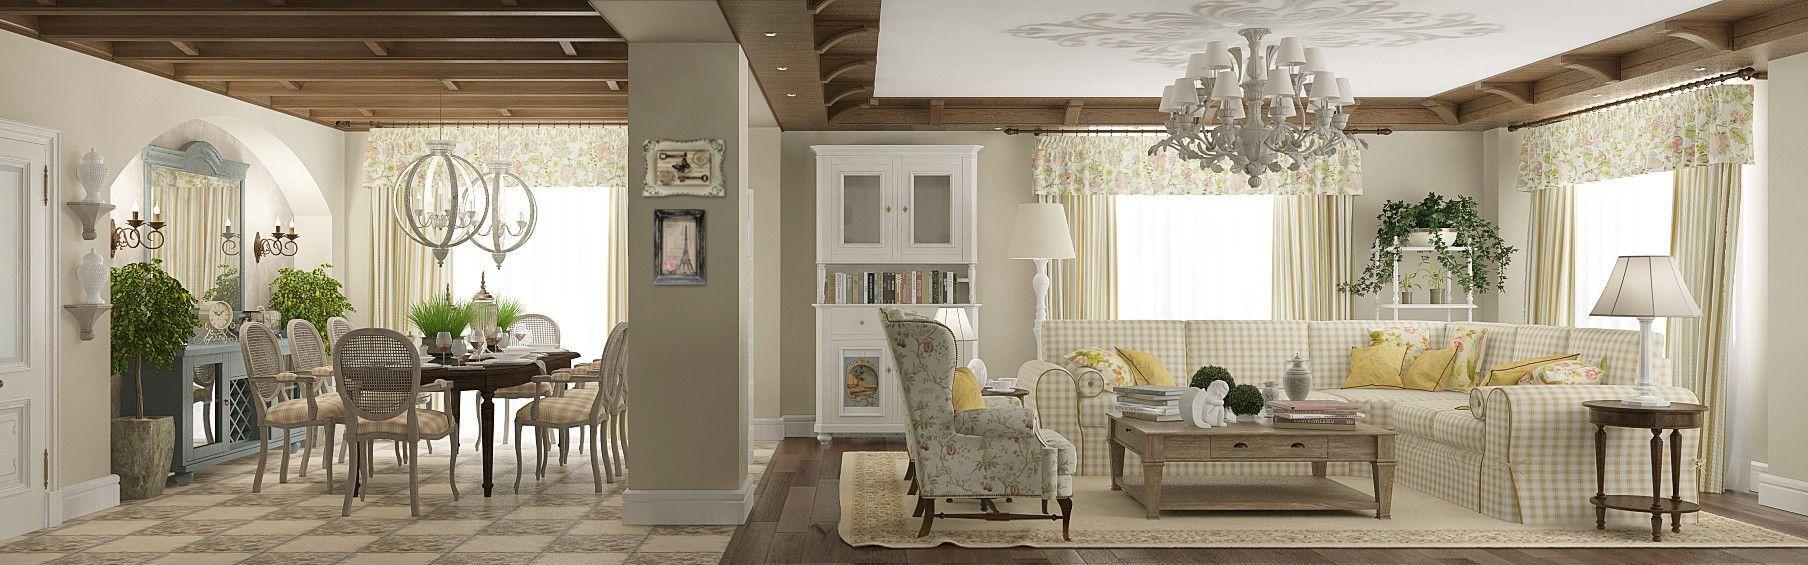 Гостиная в классическом стиле -дизайн интерьера